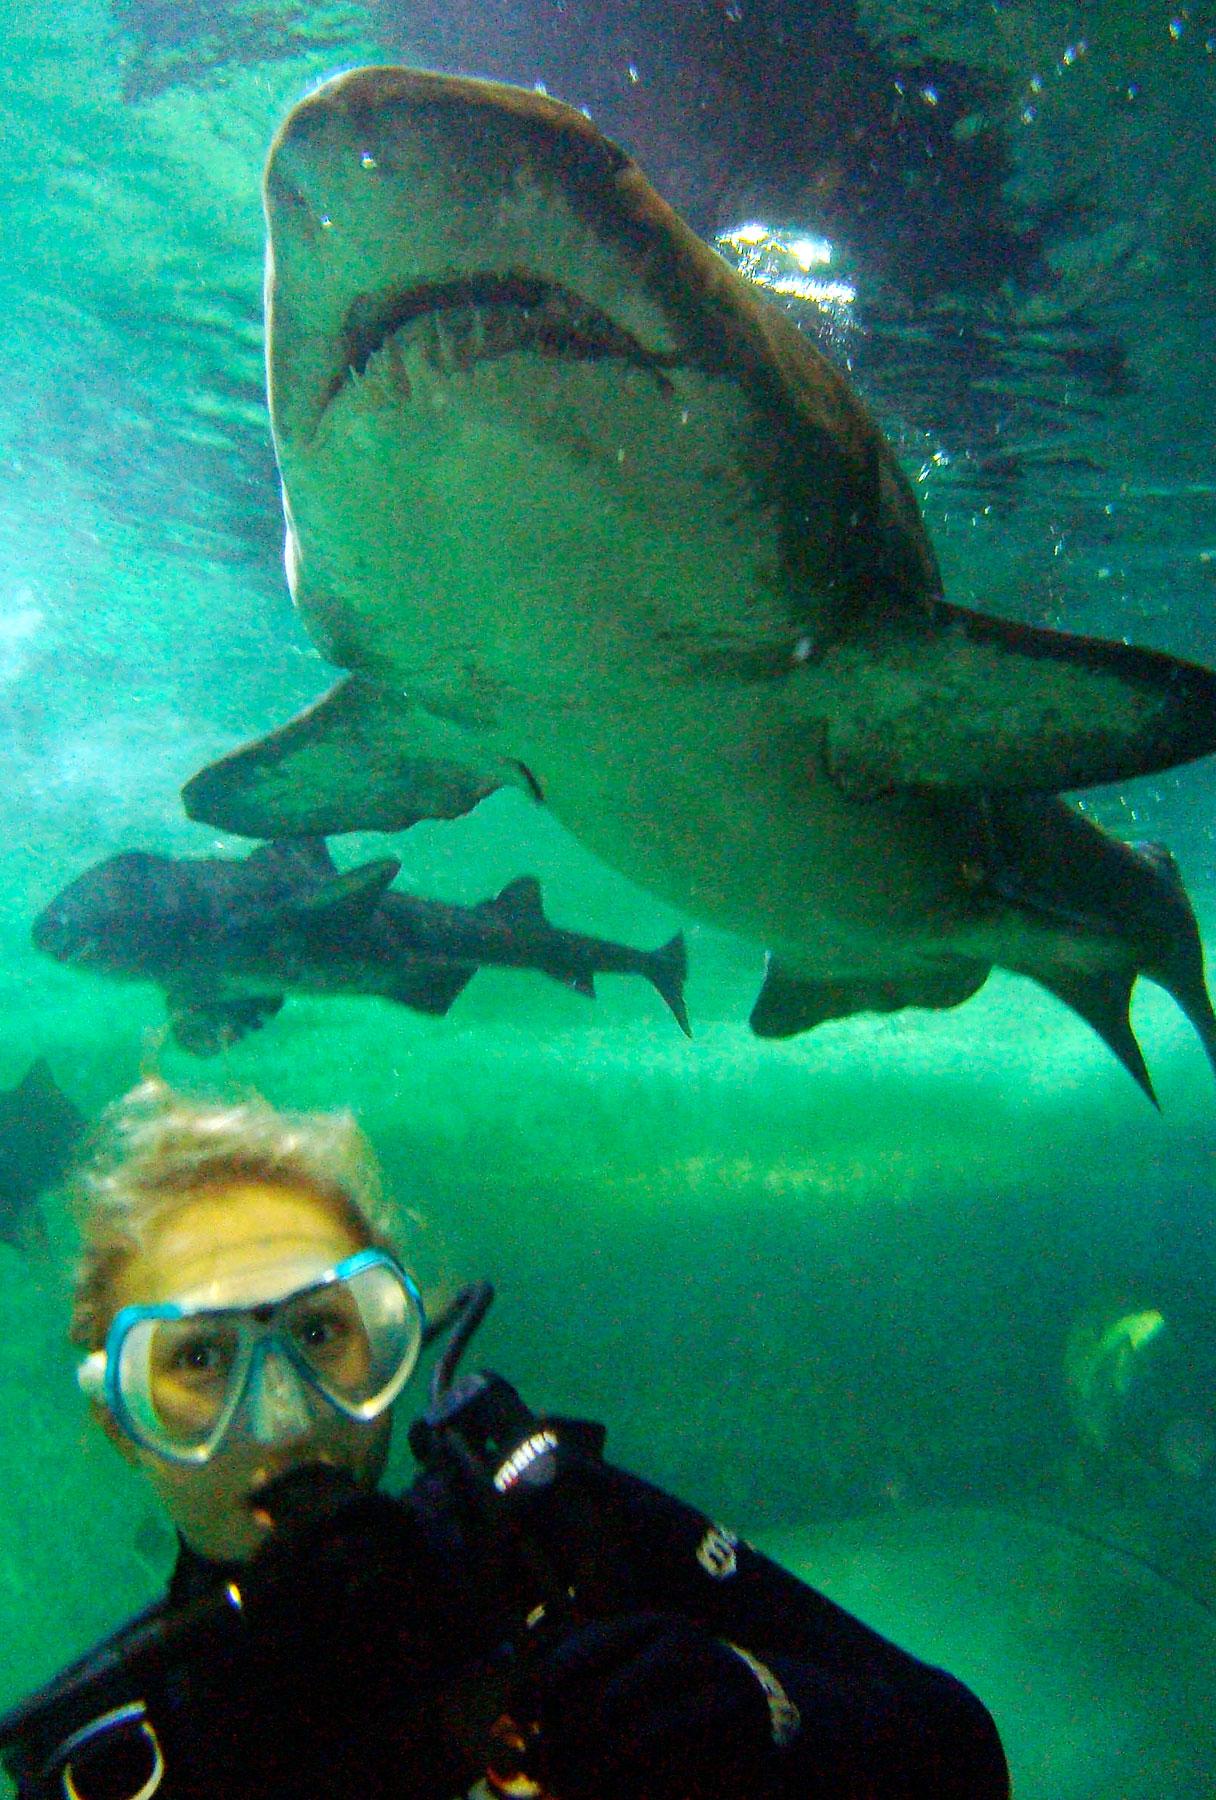 Hayden Panettiere's Sharking Behavior